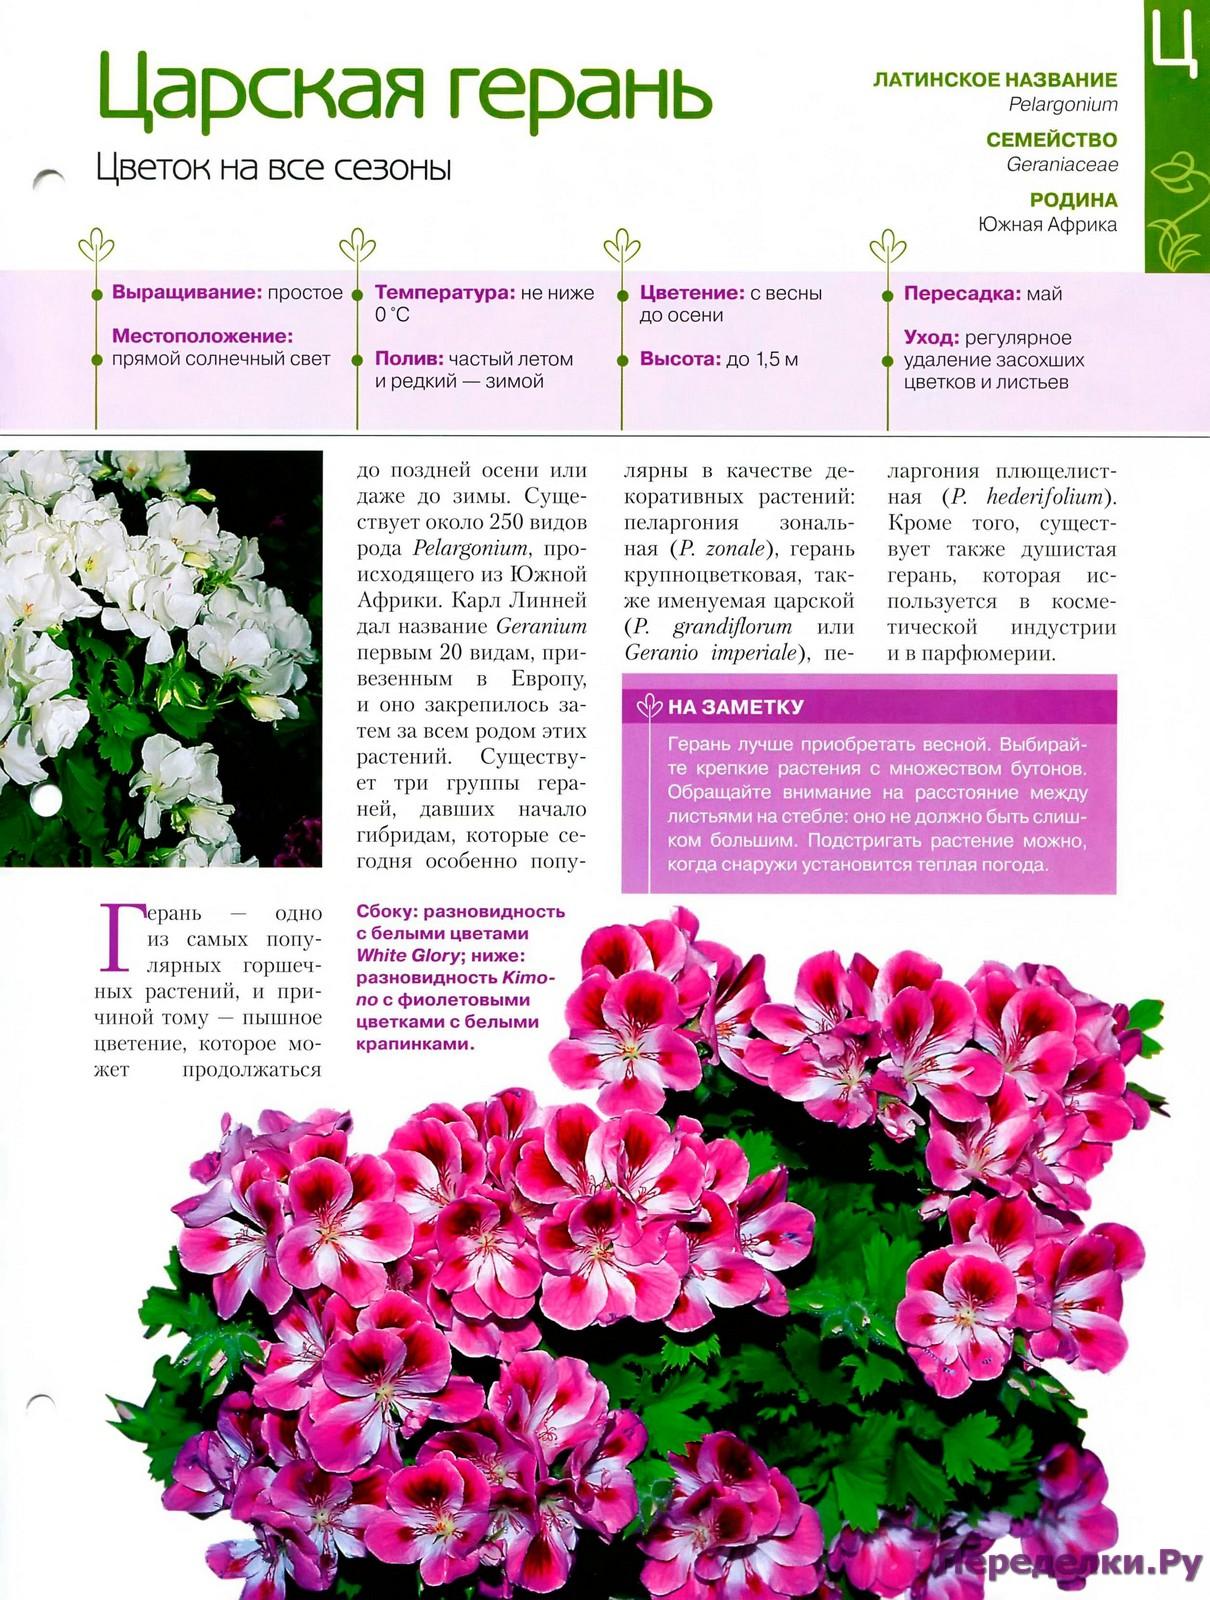 Пеларгония (Герань) - Страница 2 25458594154_e70994b912_o